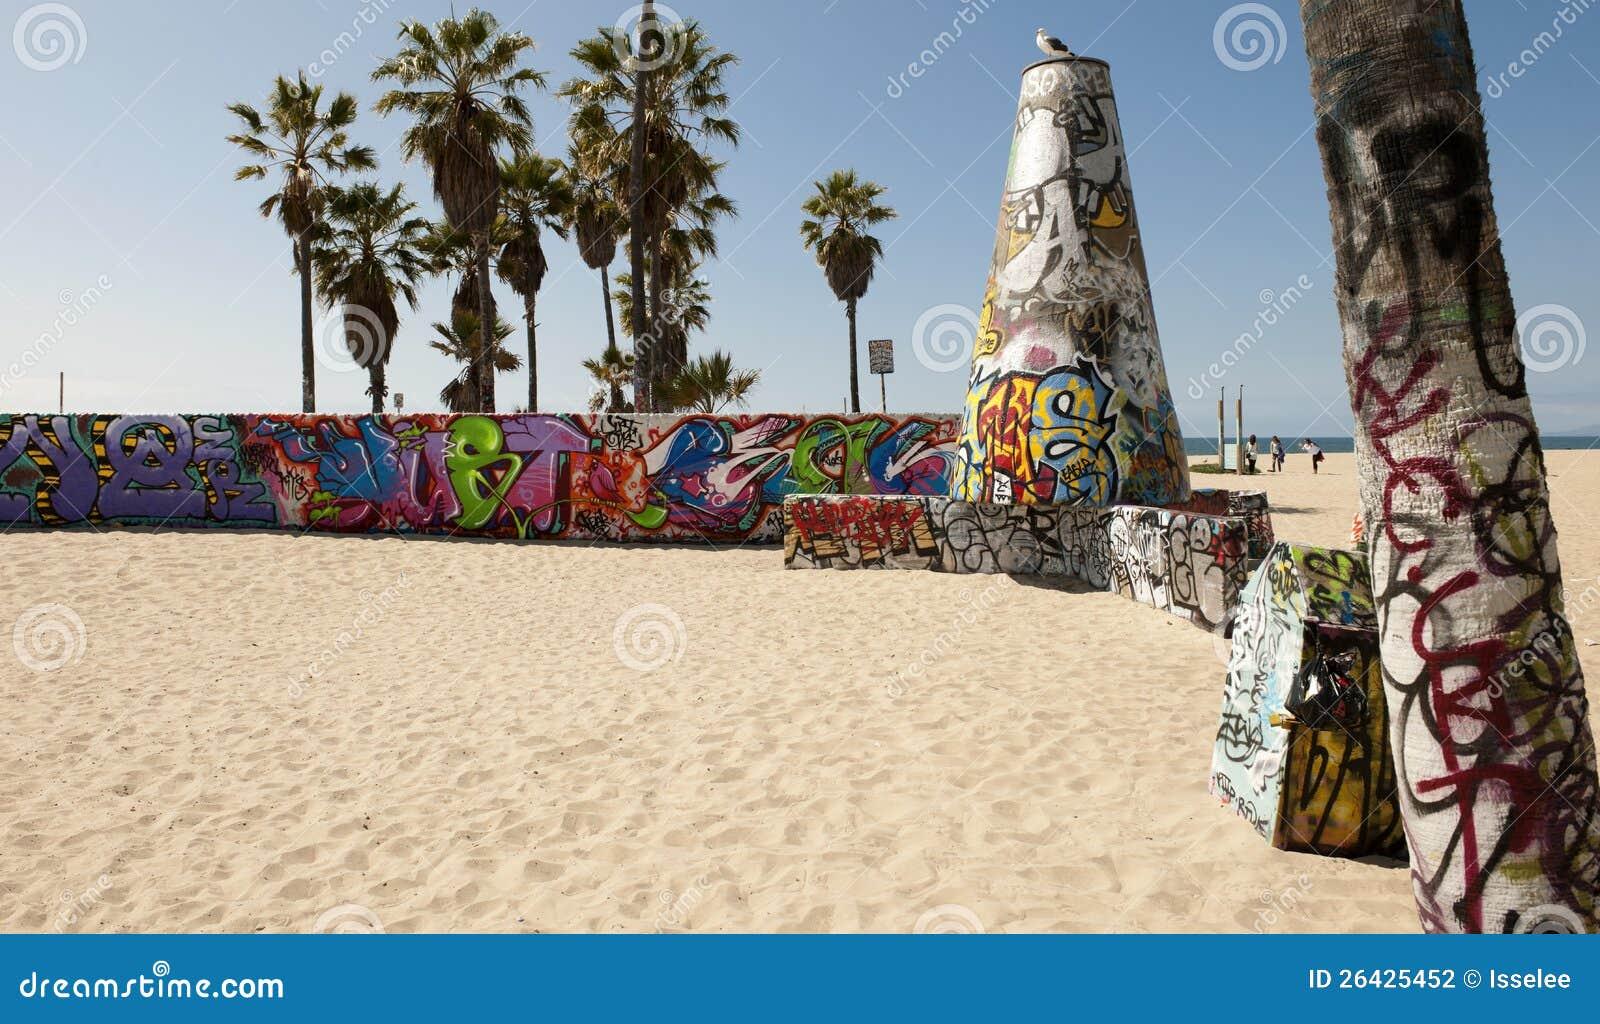 Paredes Del Arte En La Playa De Venecia, Los Ángeles Foto de archivo ...